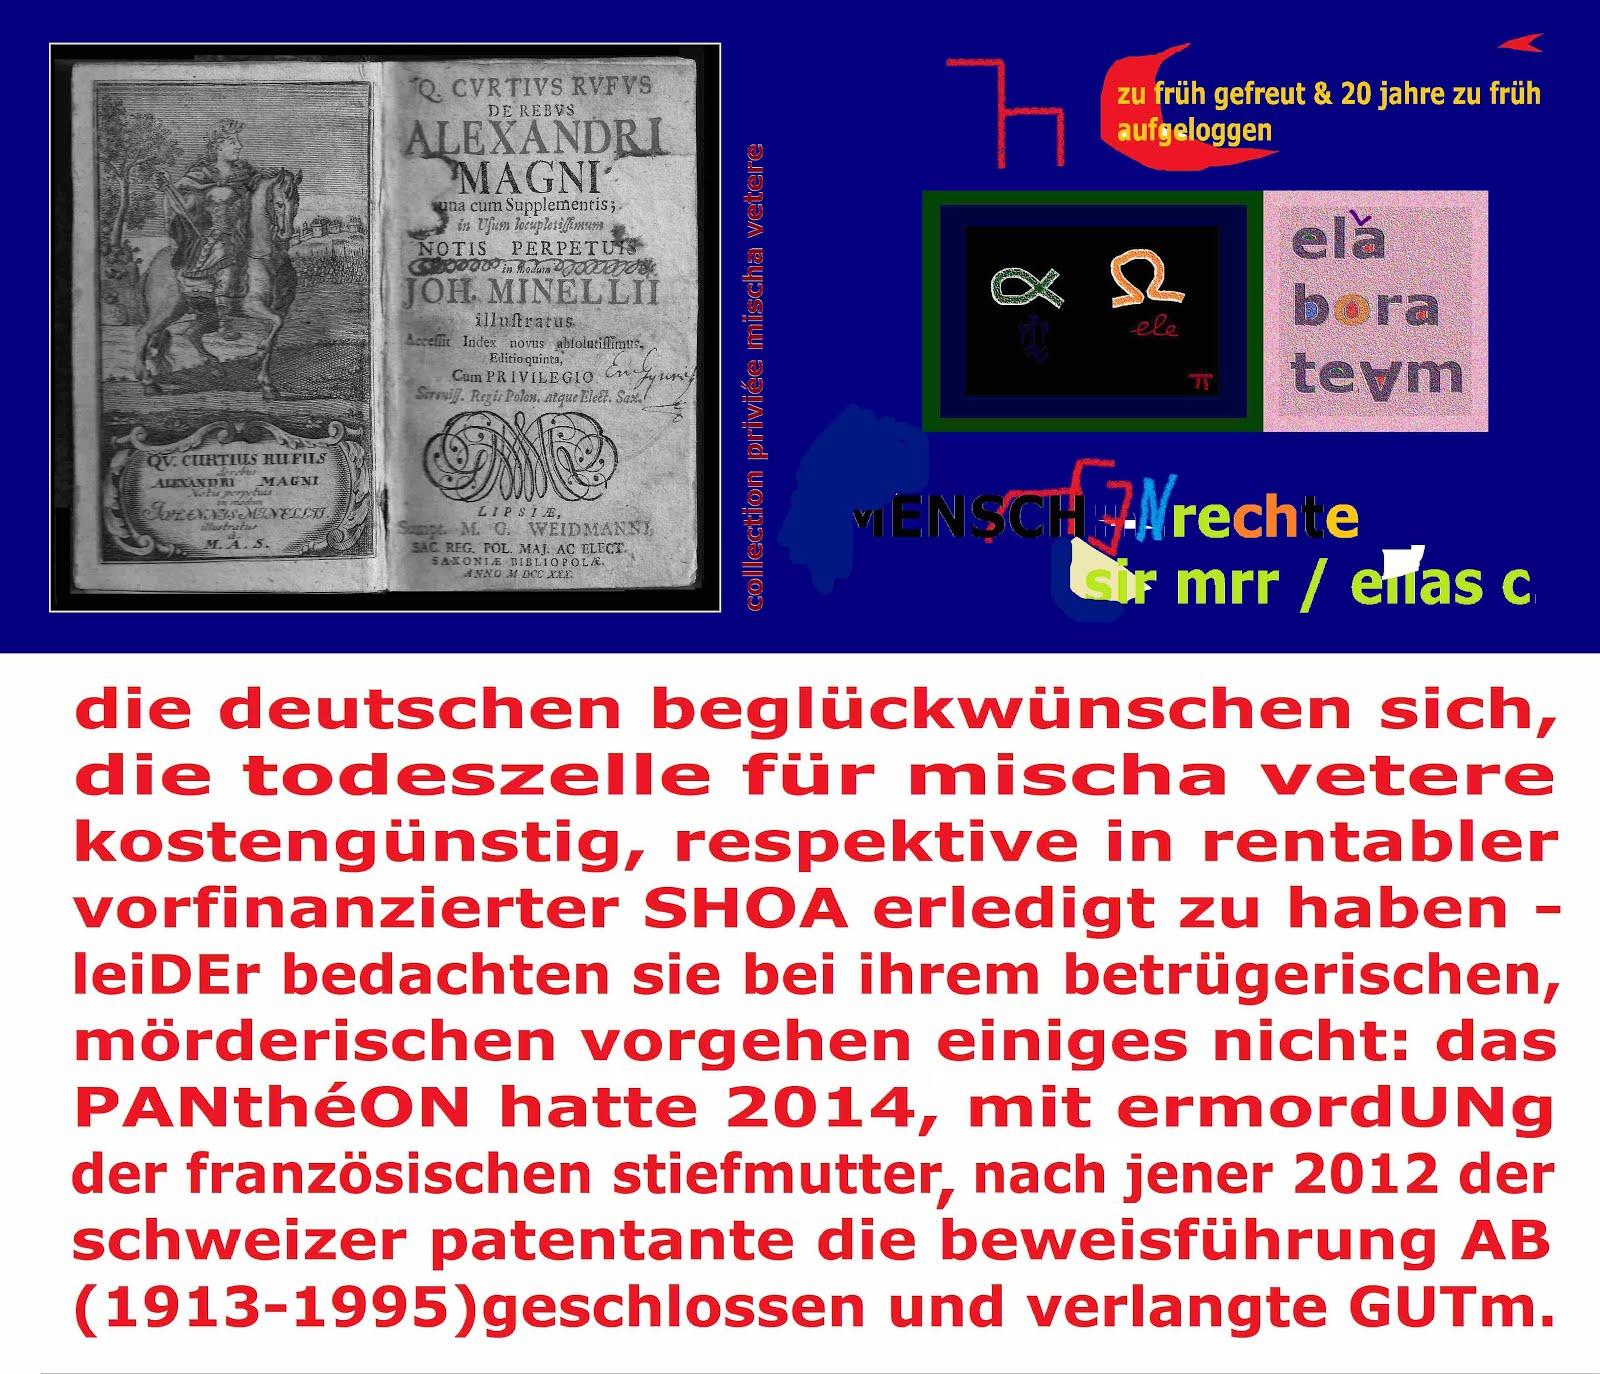 urheberrechtsdiebstähle MARKENRECHT google ratings mischa vetere asien berliner anwaltsverband alex